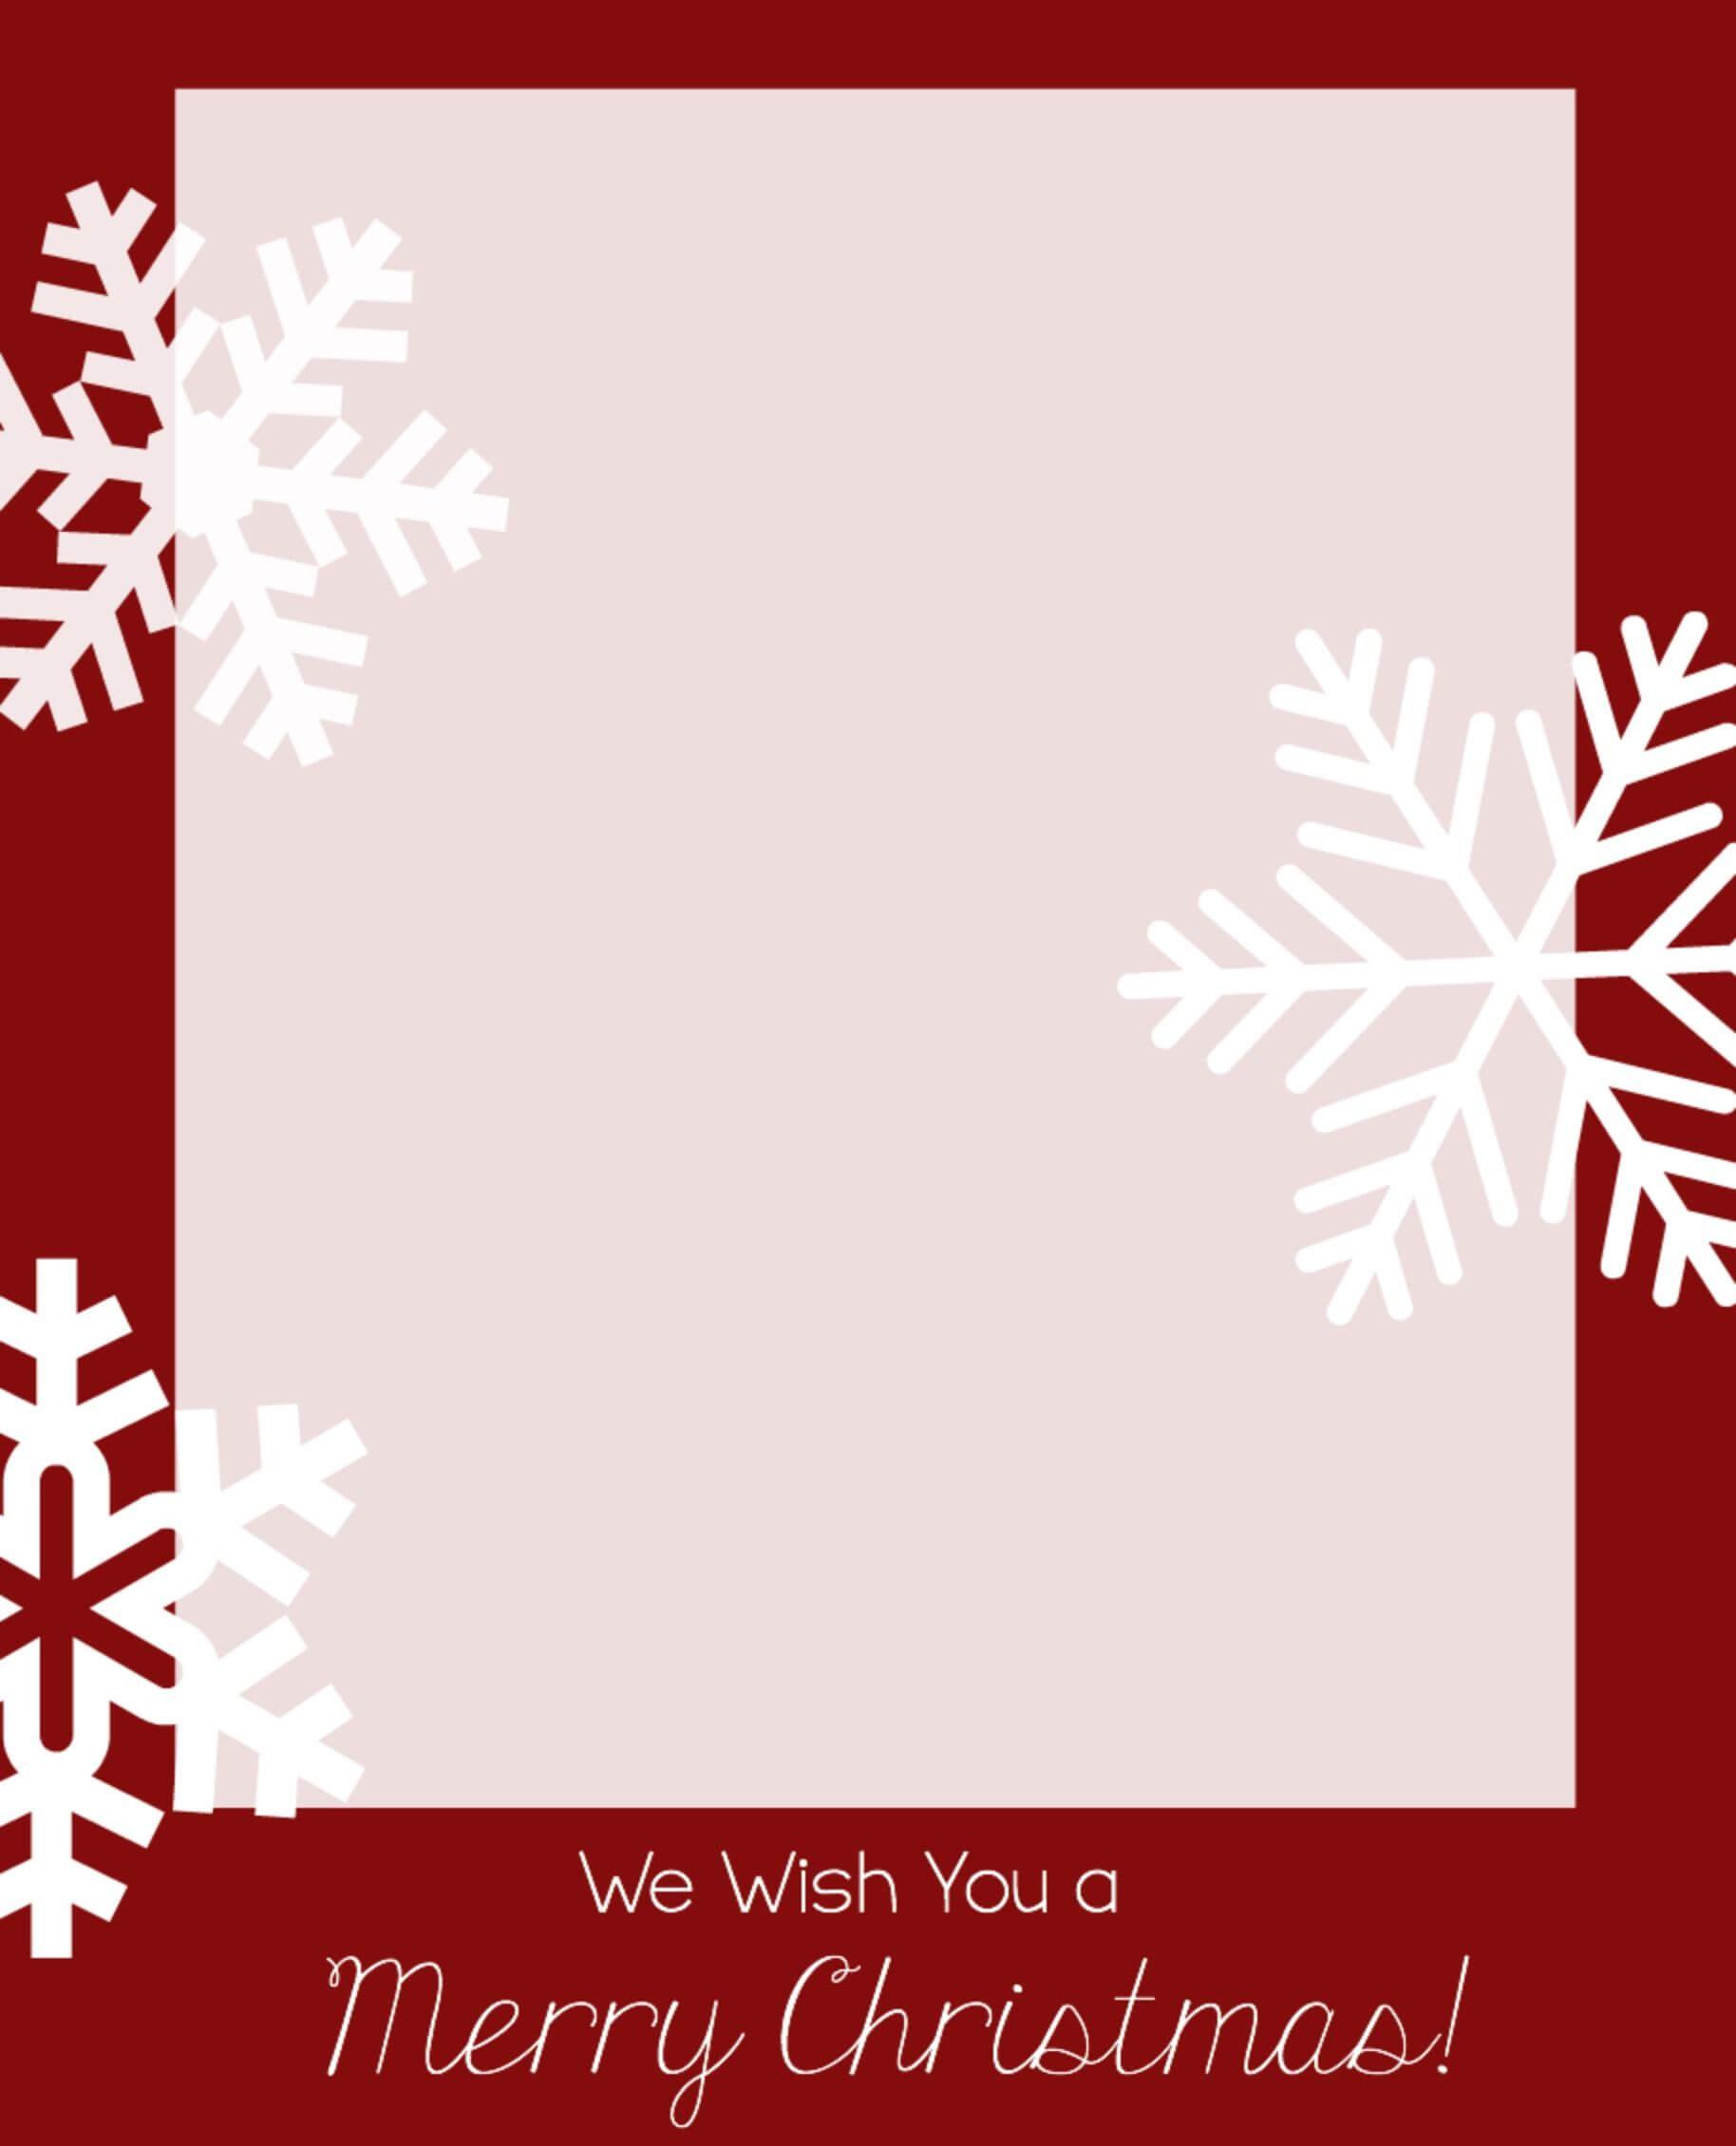 Free Christmas Card Templates | Christmas Card Template Inside Happy Holidays Card Template